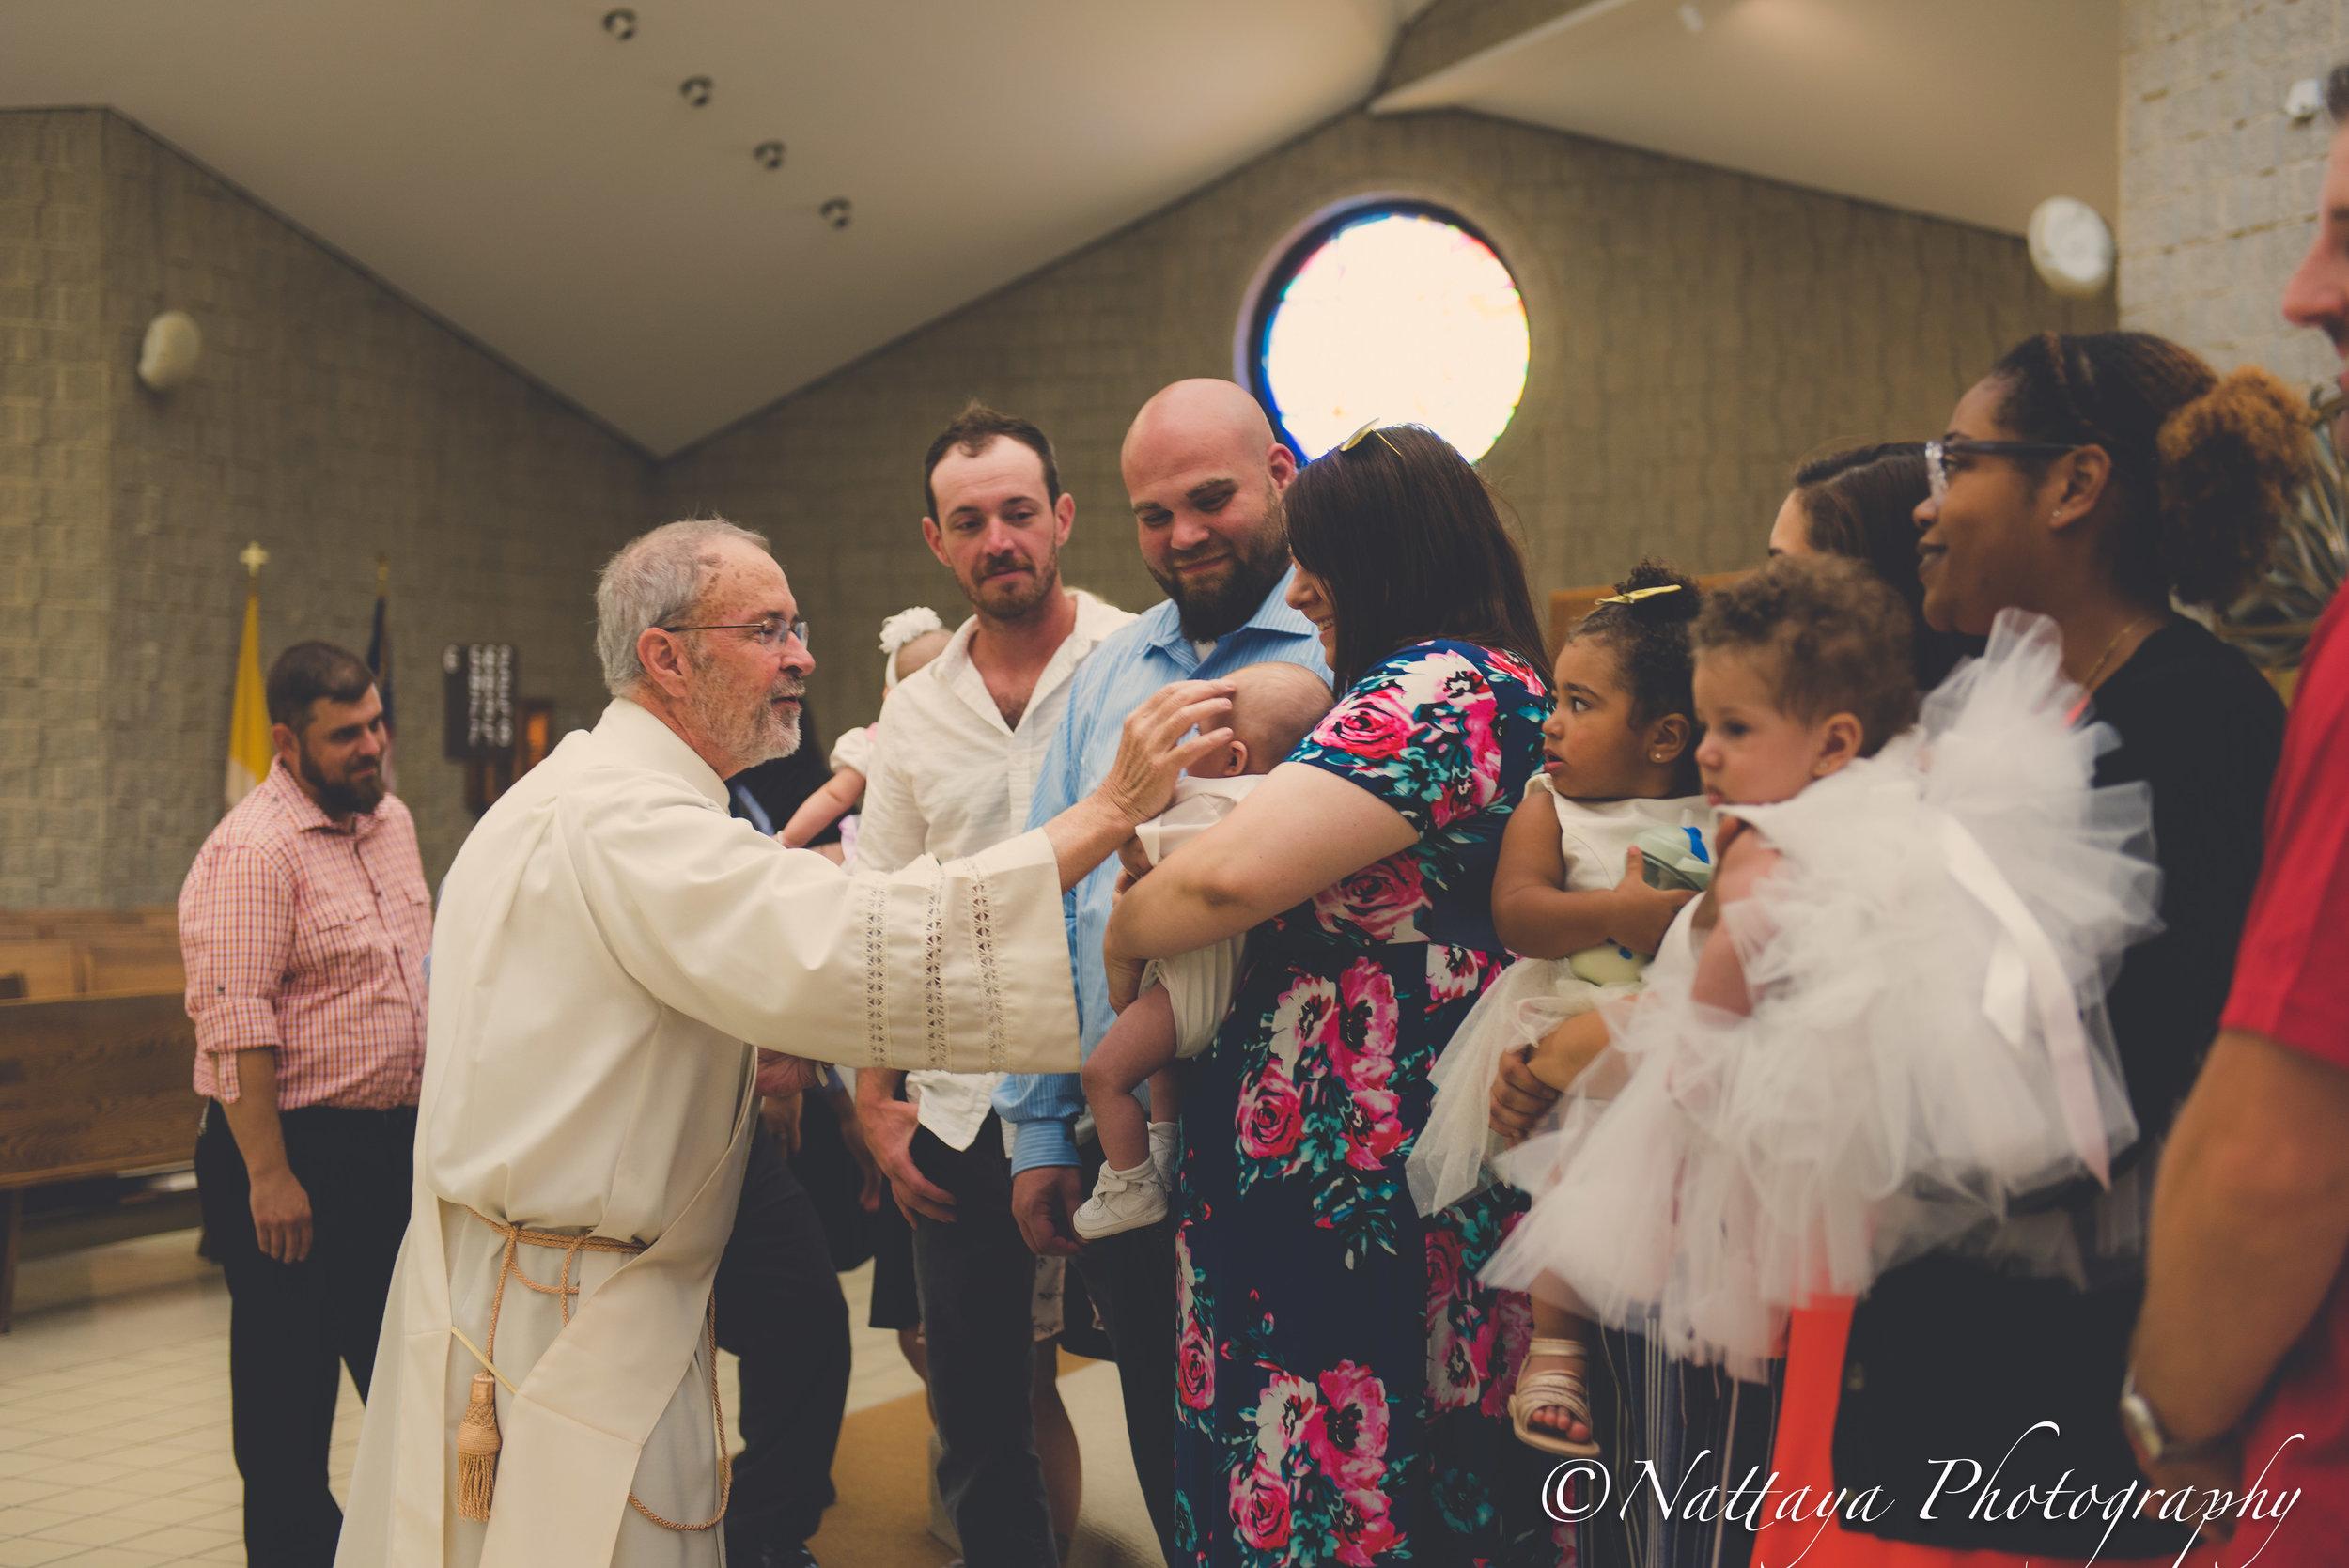 NIcole Baptism  N21_0565  1162019.JPG